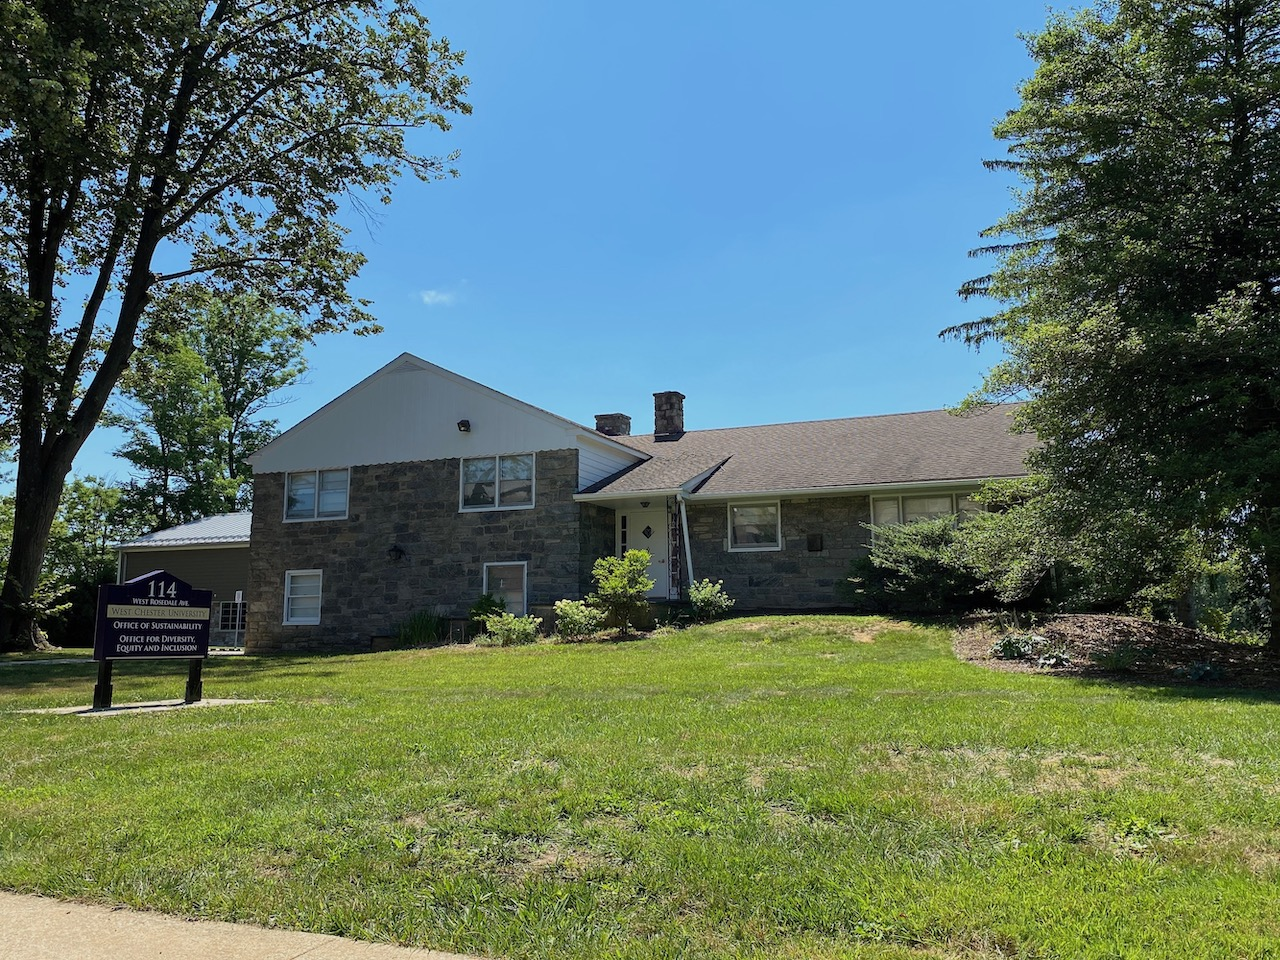 114 W. Rosedale Avenue